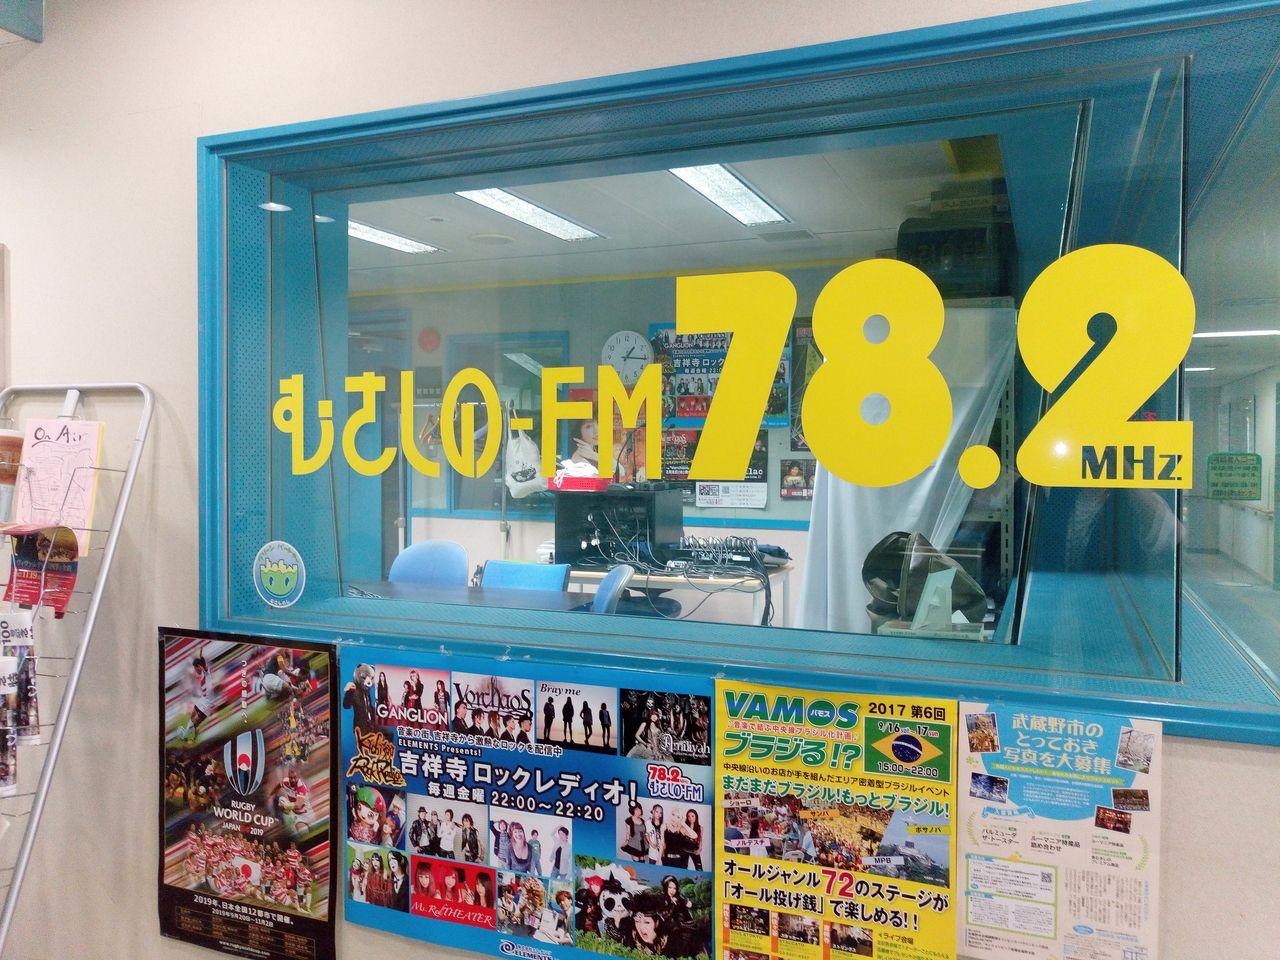 武蔵野商工会館にあるむさしのFM